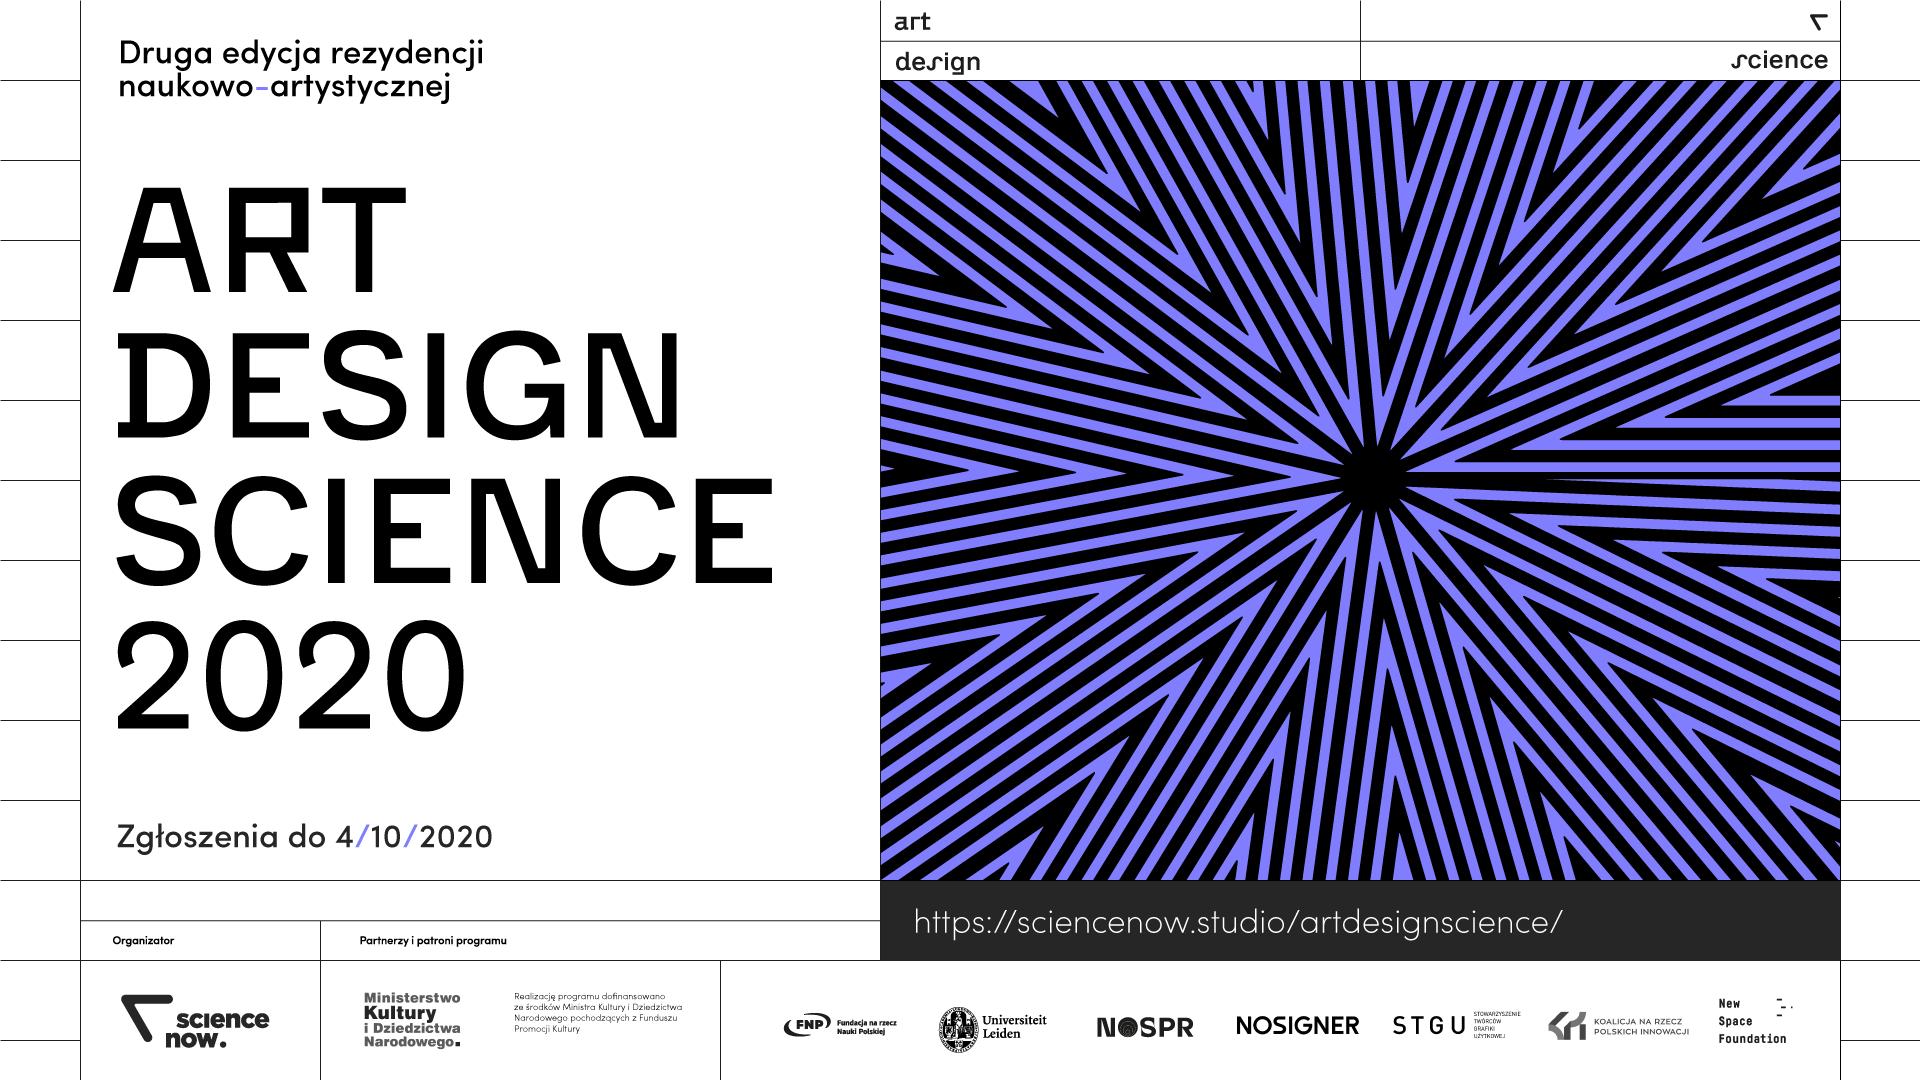 Program rezydencji naukowo-artystycznej ART + DESIGN + SCIENCE